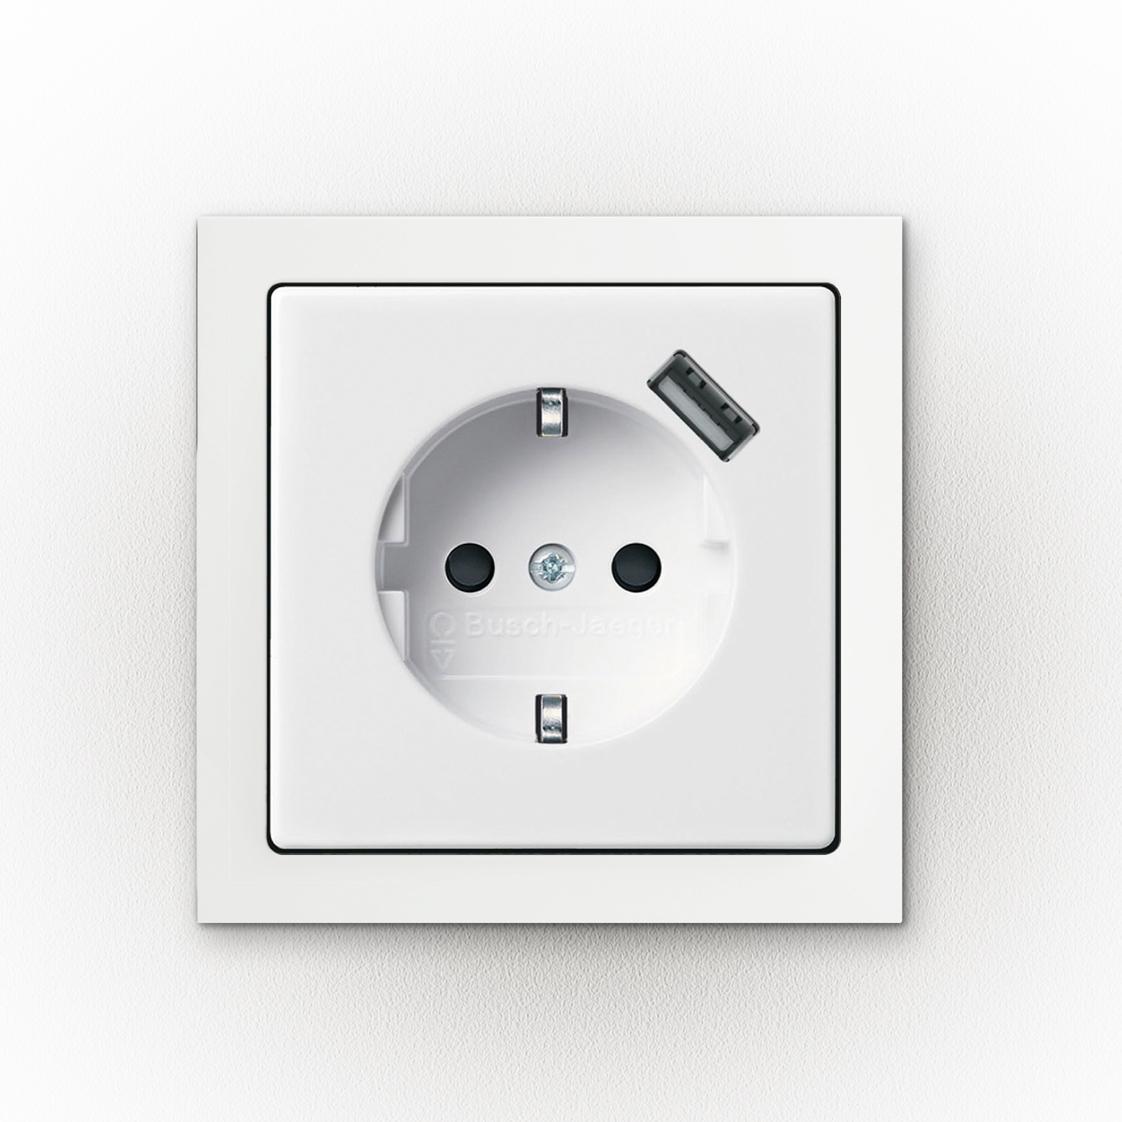 Die Steckdose mit USB von  Busch-Jaeger Elektro GmbH bekam Universal Design Award 2013.